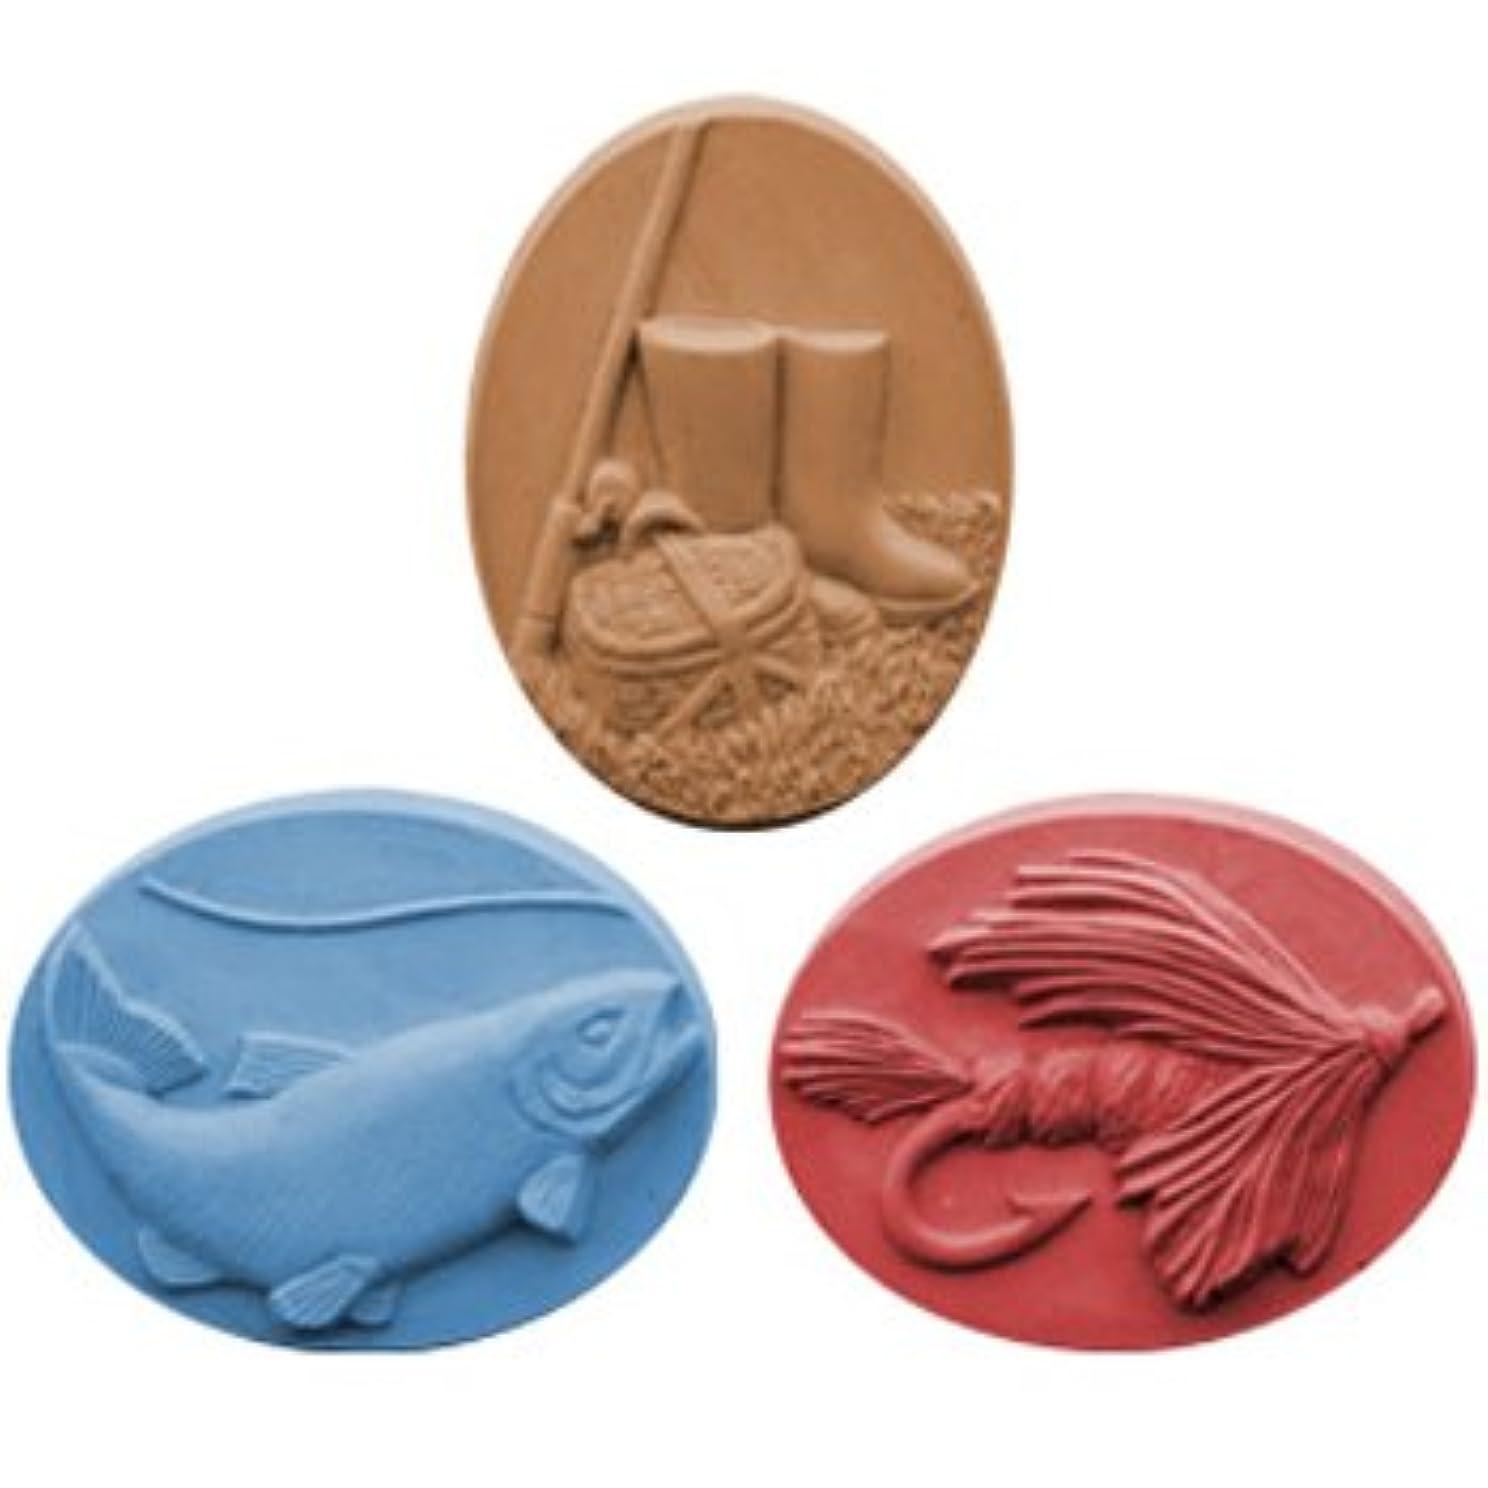 無駄な入場料床を掃除するミルキーウェイ フィッシング【ソープモールド/石鹸型/シートモールド】